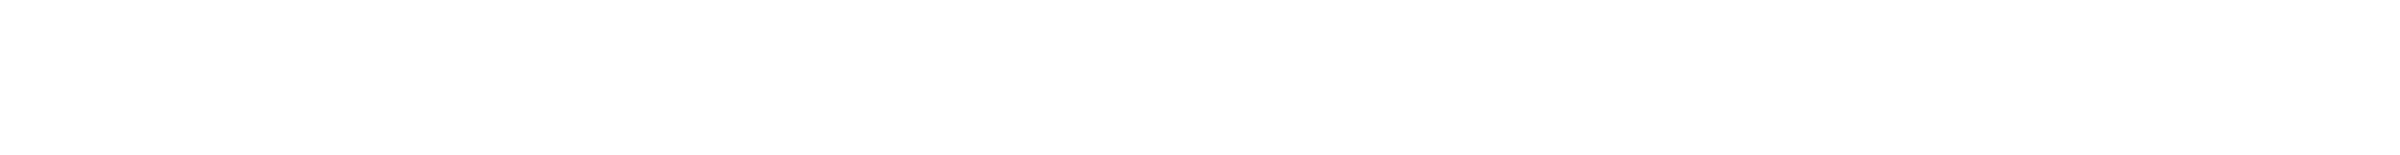 金沙国际网站多少_金沙国际登录网址